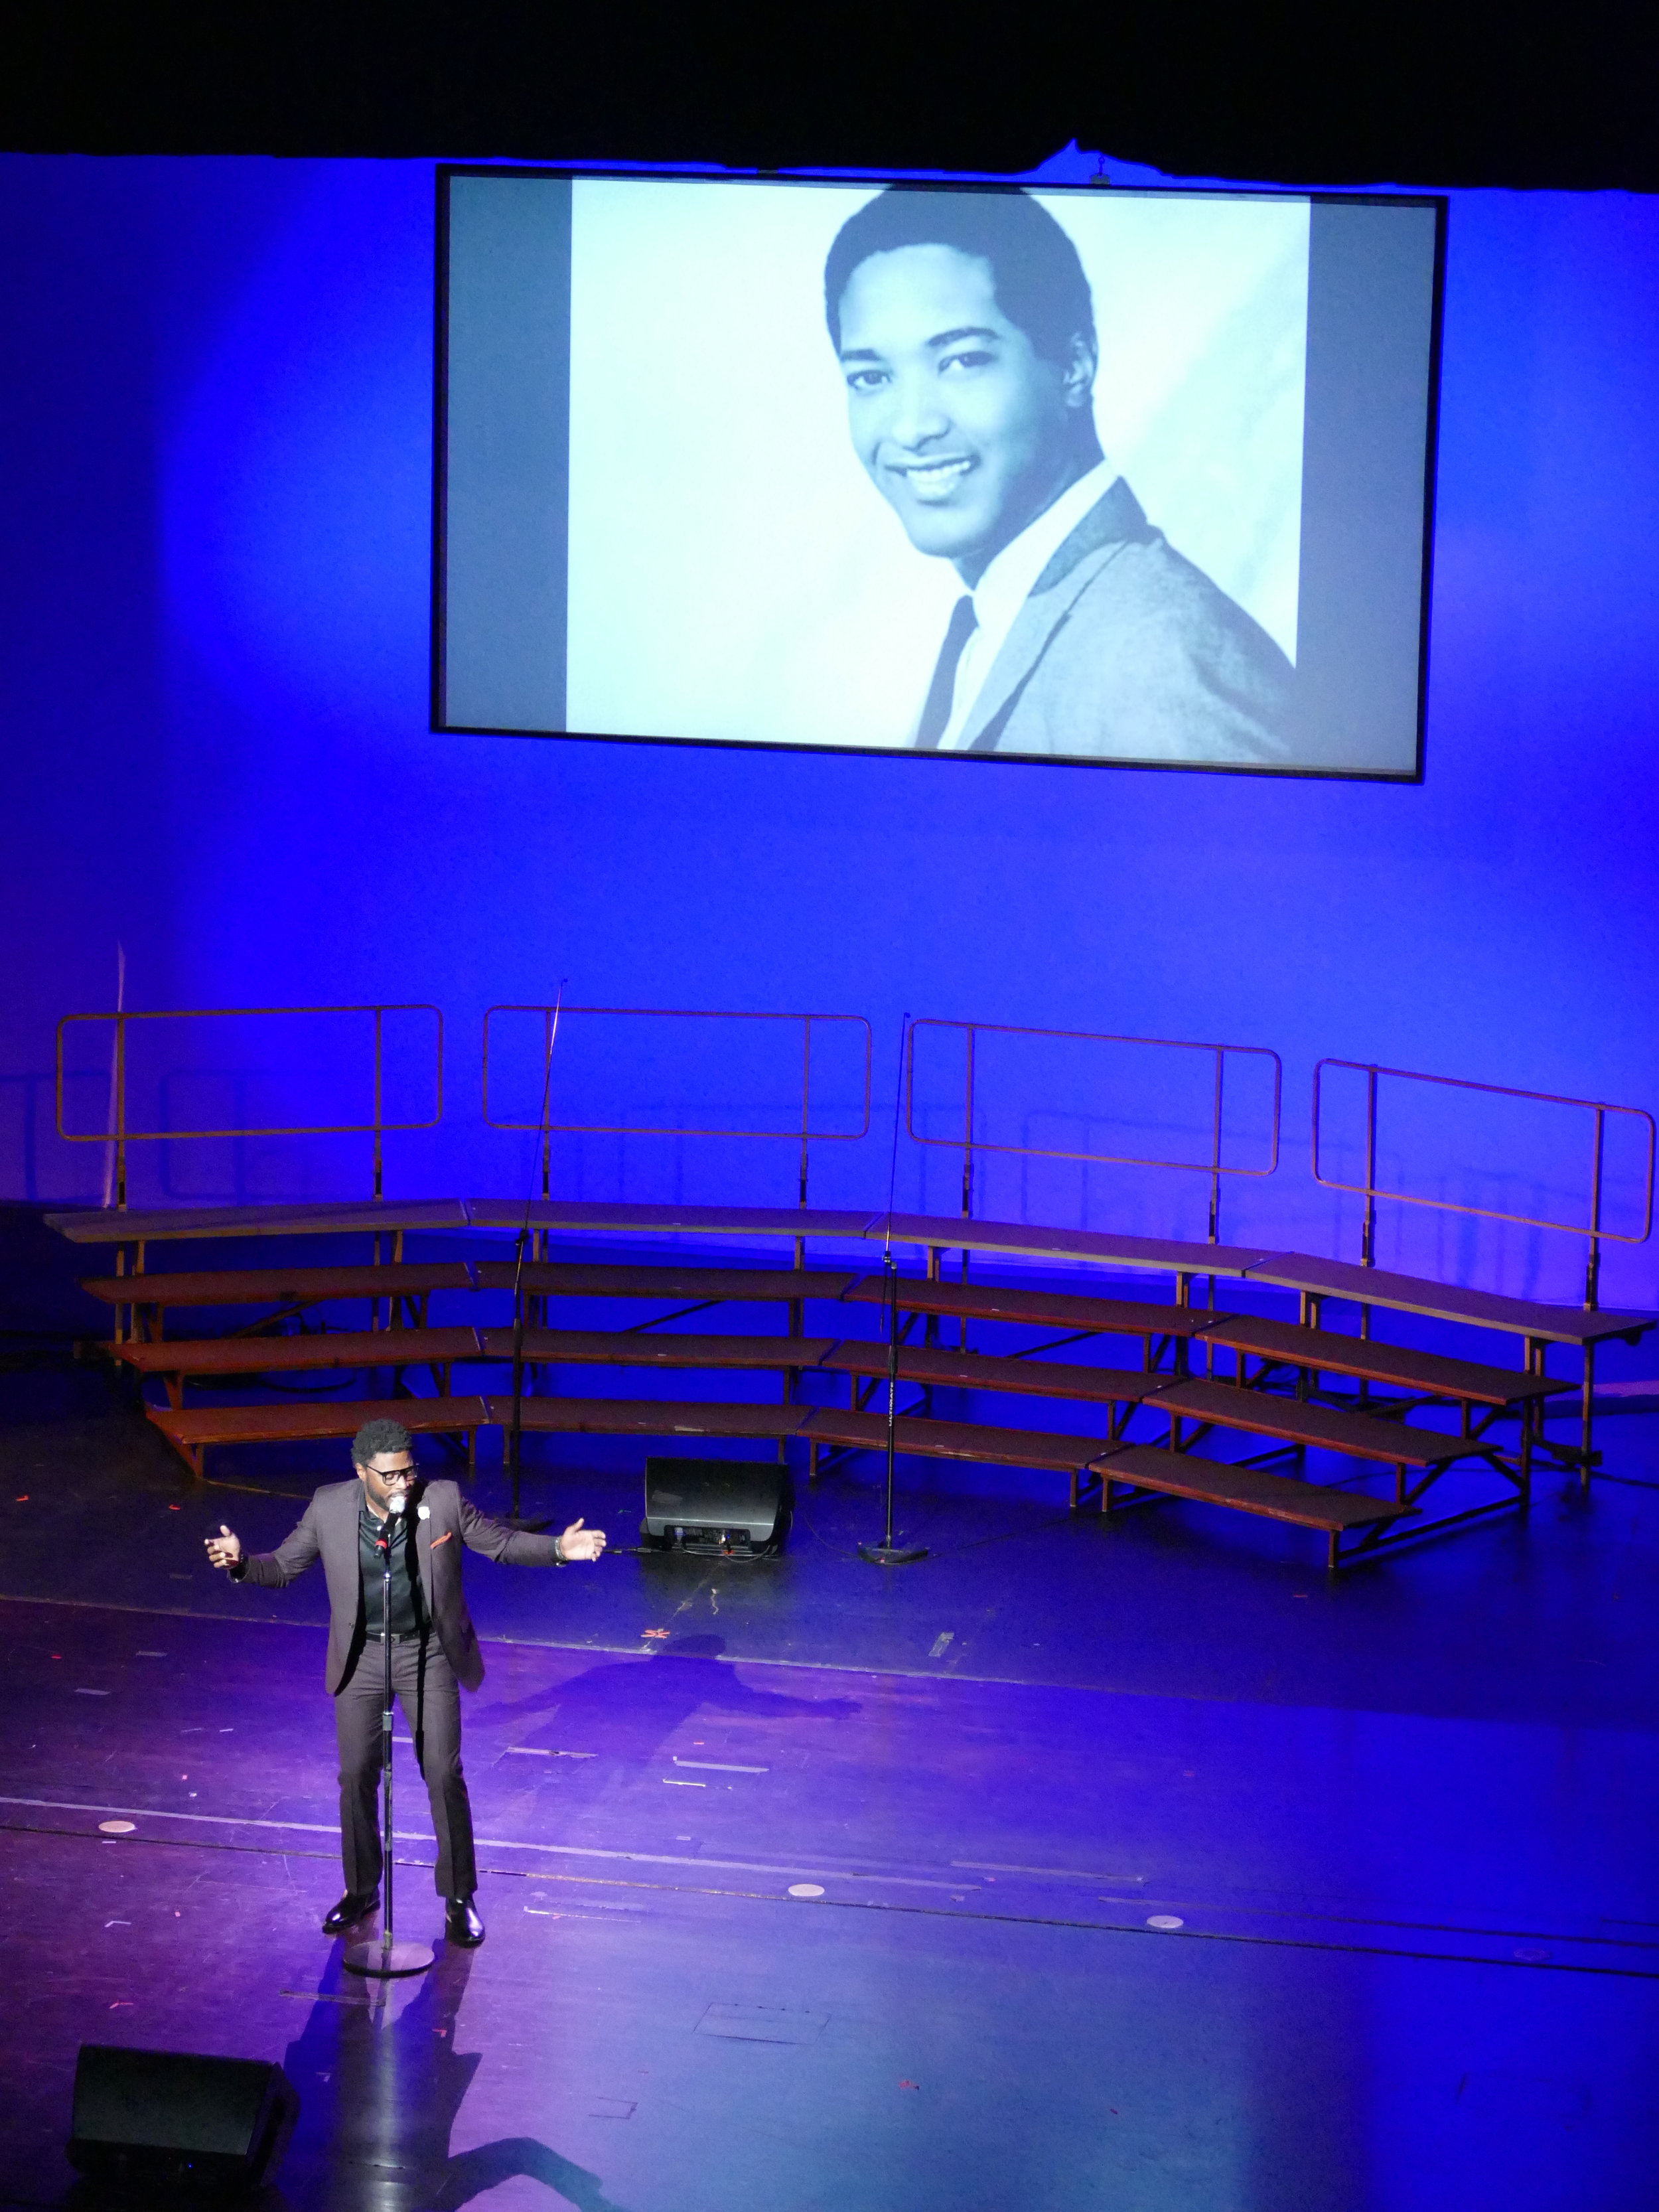 Photo: Boyzell Hosey   https://twitter.com/zellpic